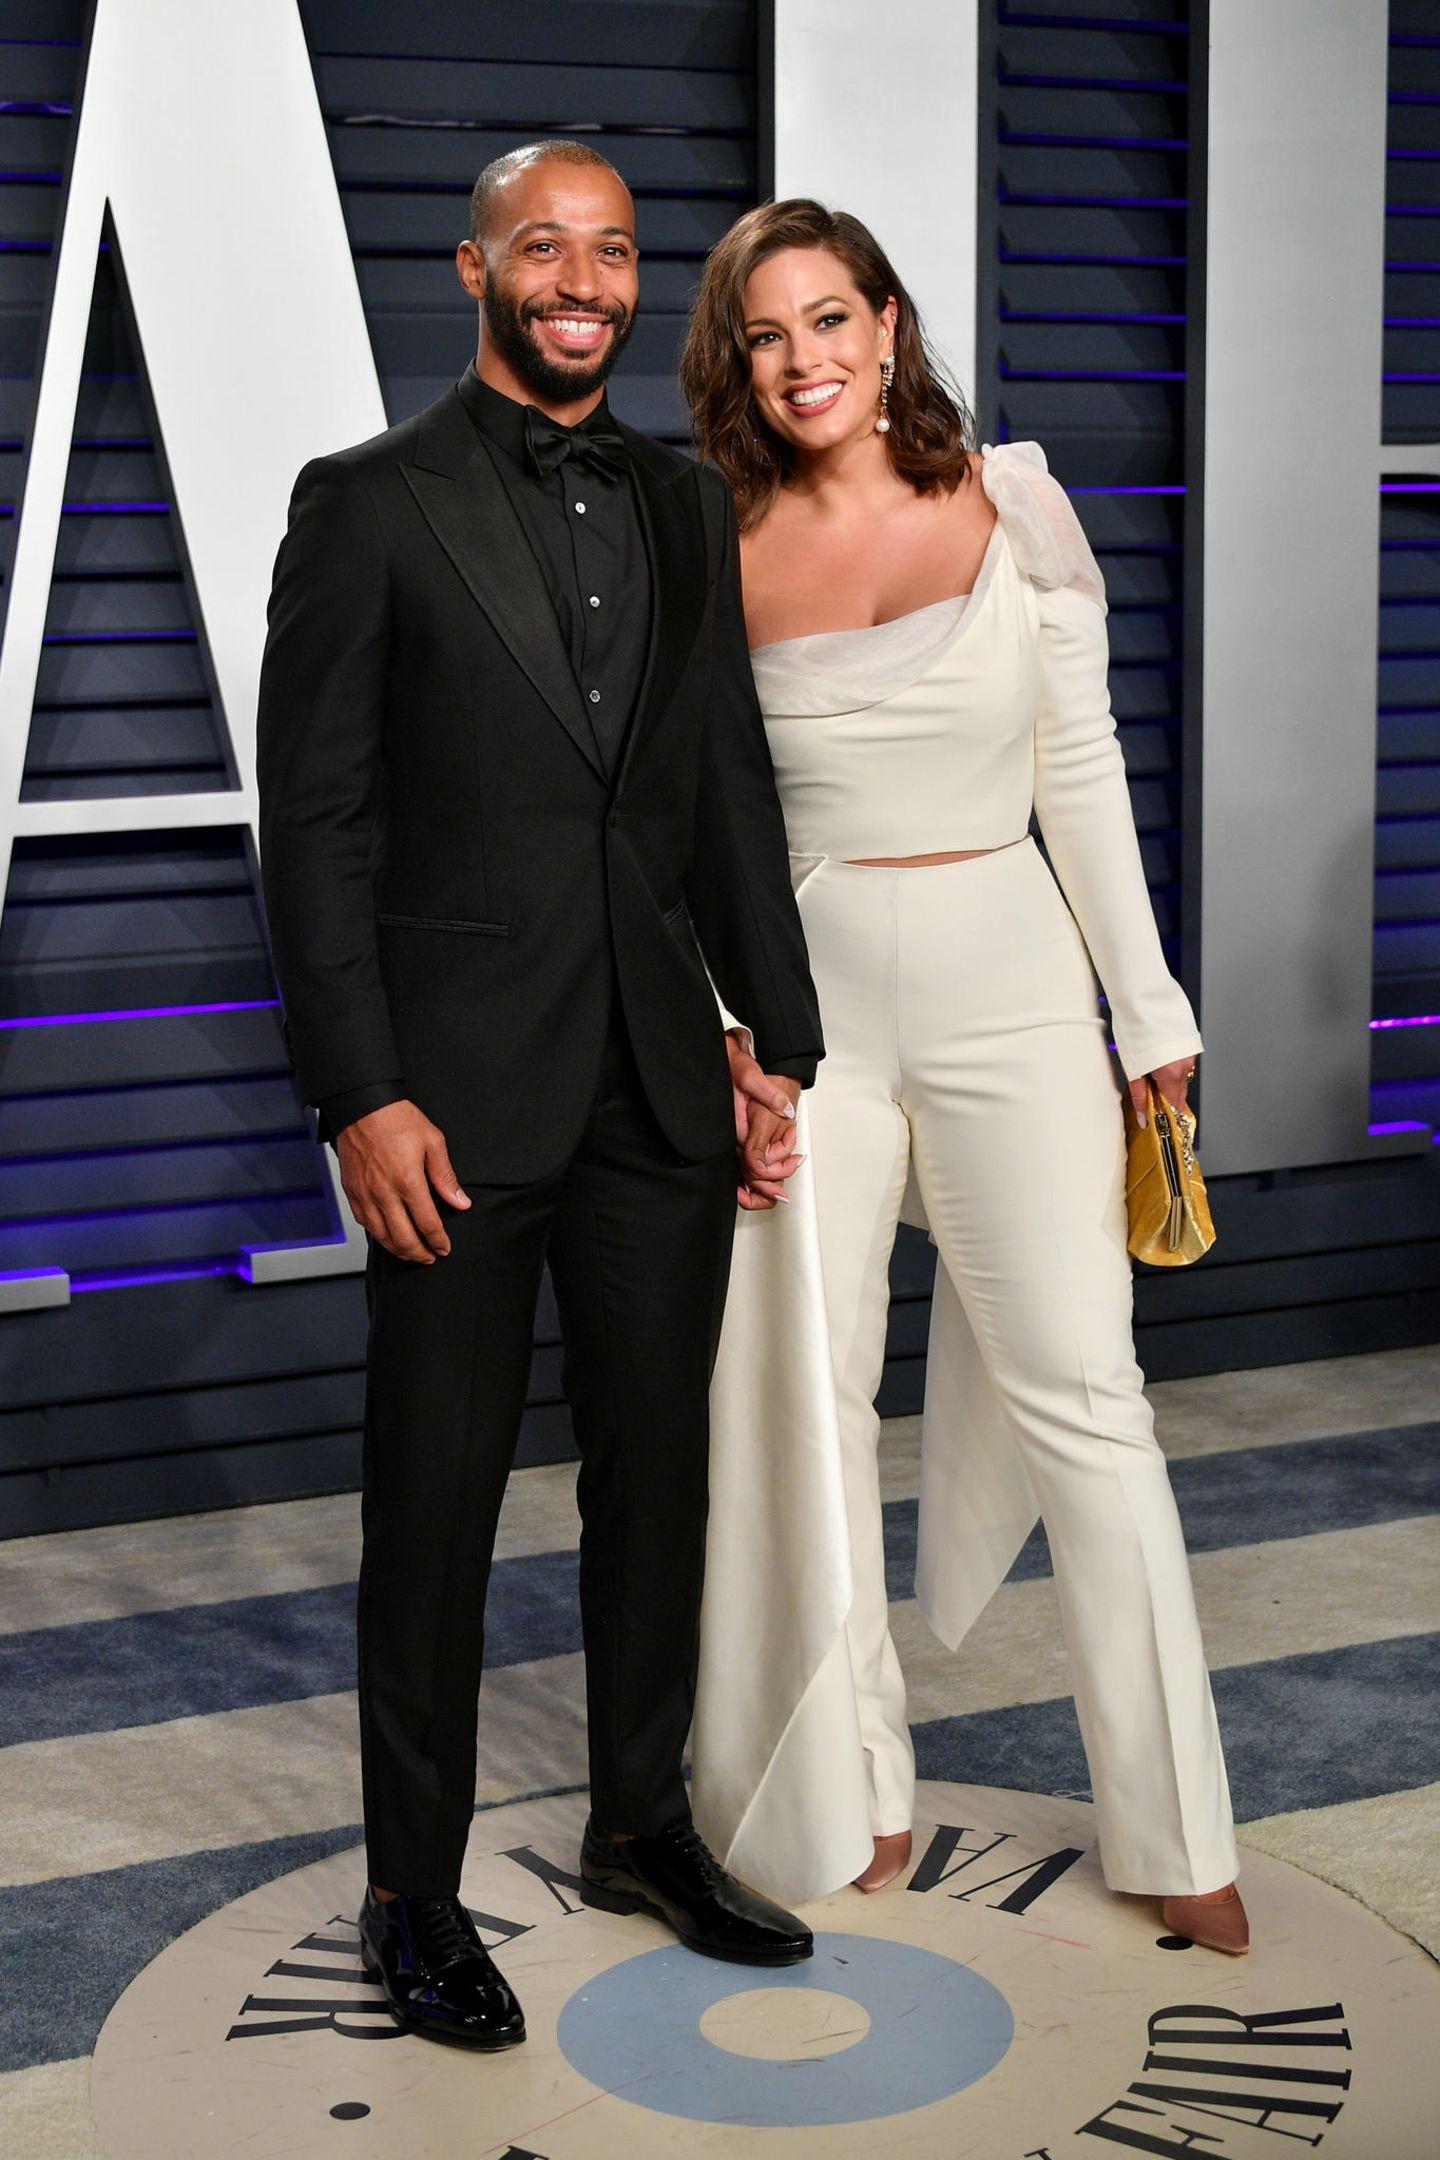 Justin Ervin und Ashley Graham setzen auf Kontraste. Er kommt in einem komplett schwarzen, sie in einem hellen Anzug.